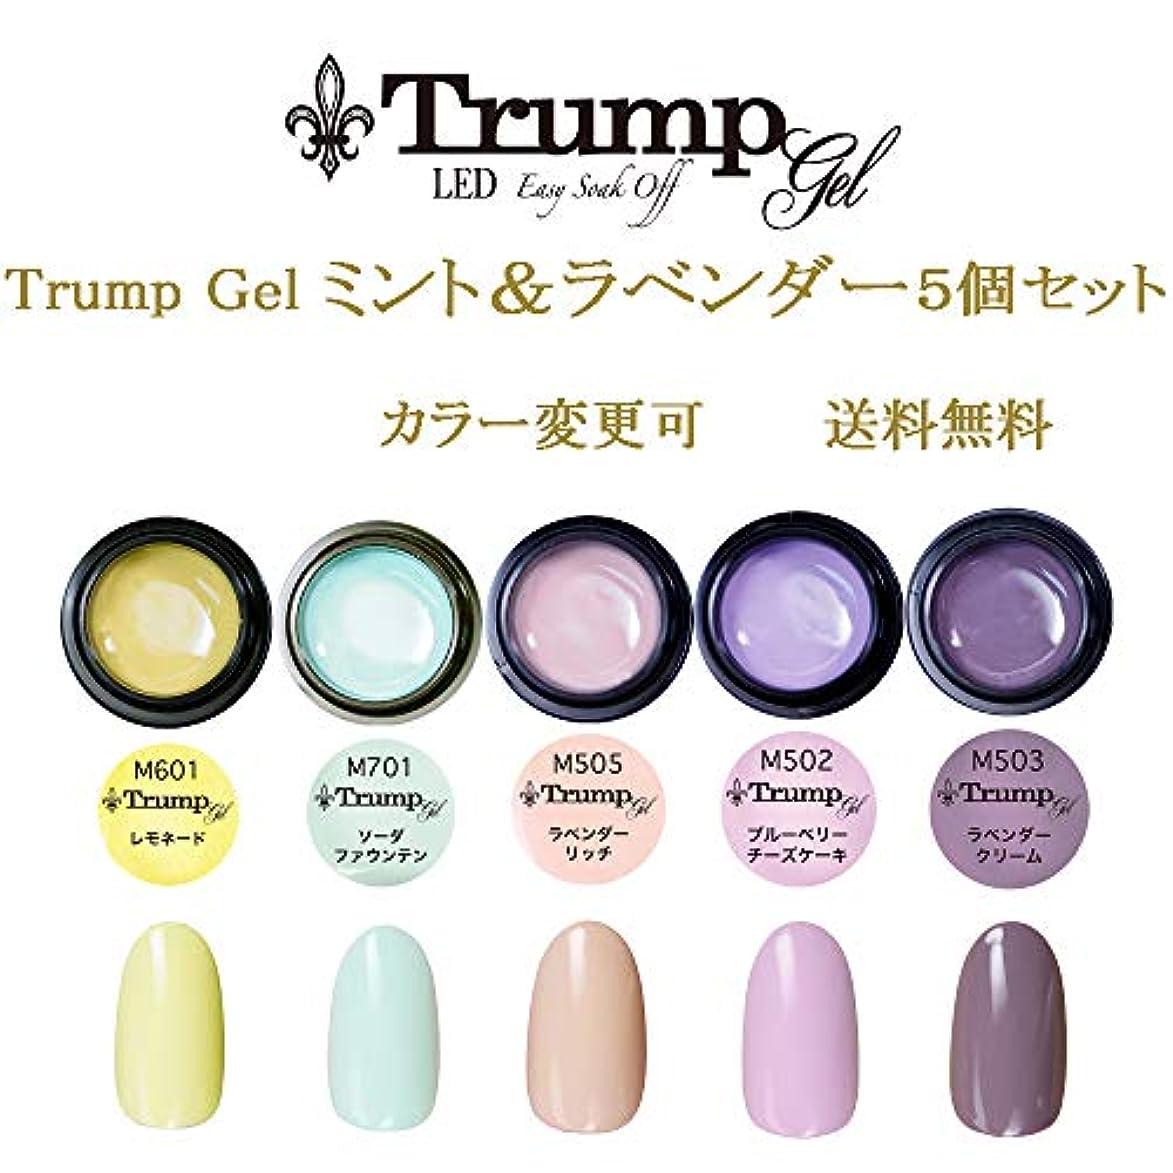 ジェム哲学者五十【送料無料】日本製 Trump gel トランプジェル ミント&ラベンダー 選べる カラージェル 5個セット ラベンダー ベージュ ミントカラー